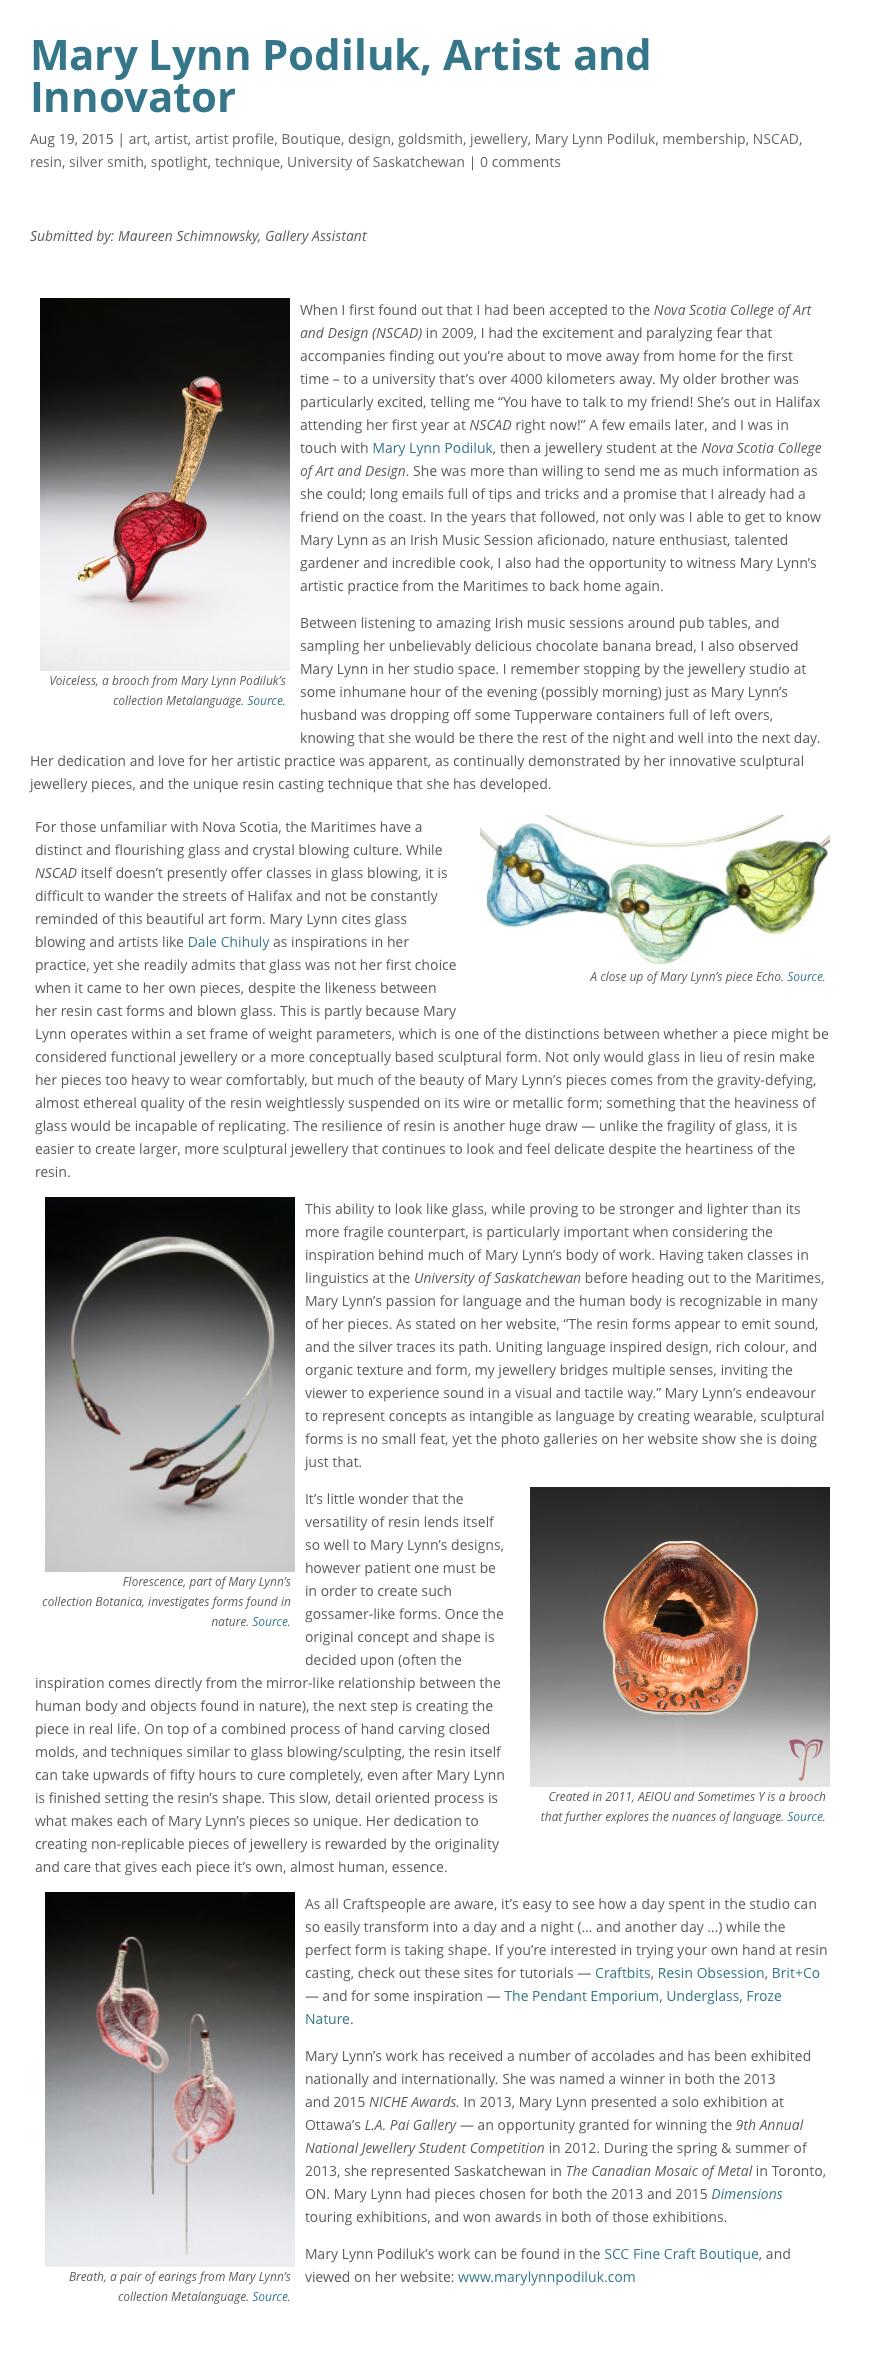 """Schimnowsky, Maureen.  """"  Mary Lynn Podiluk, Artist and Innovator  """" . Saskatchewan Craft Council Blog. 19 Aug 2015. Web."""